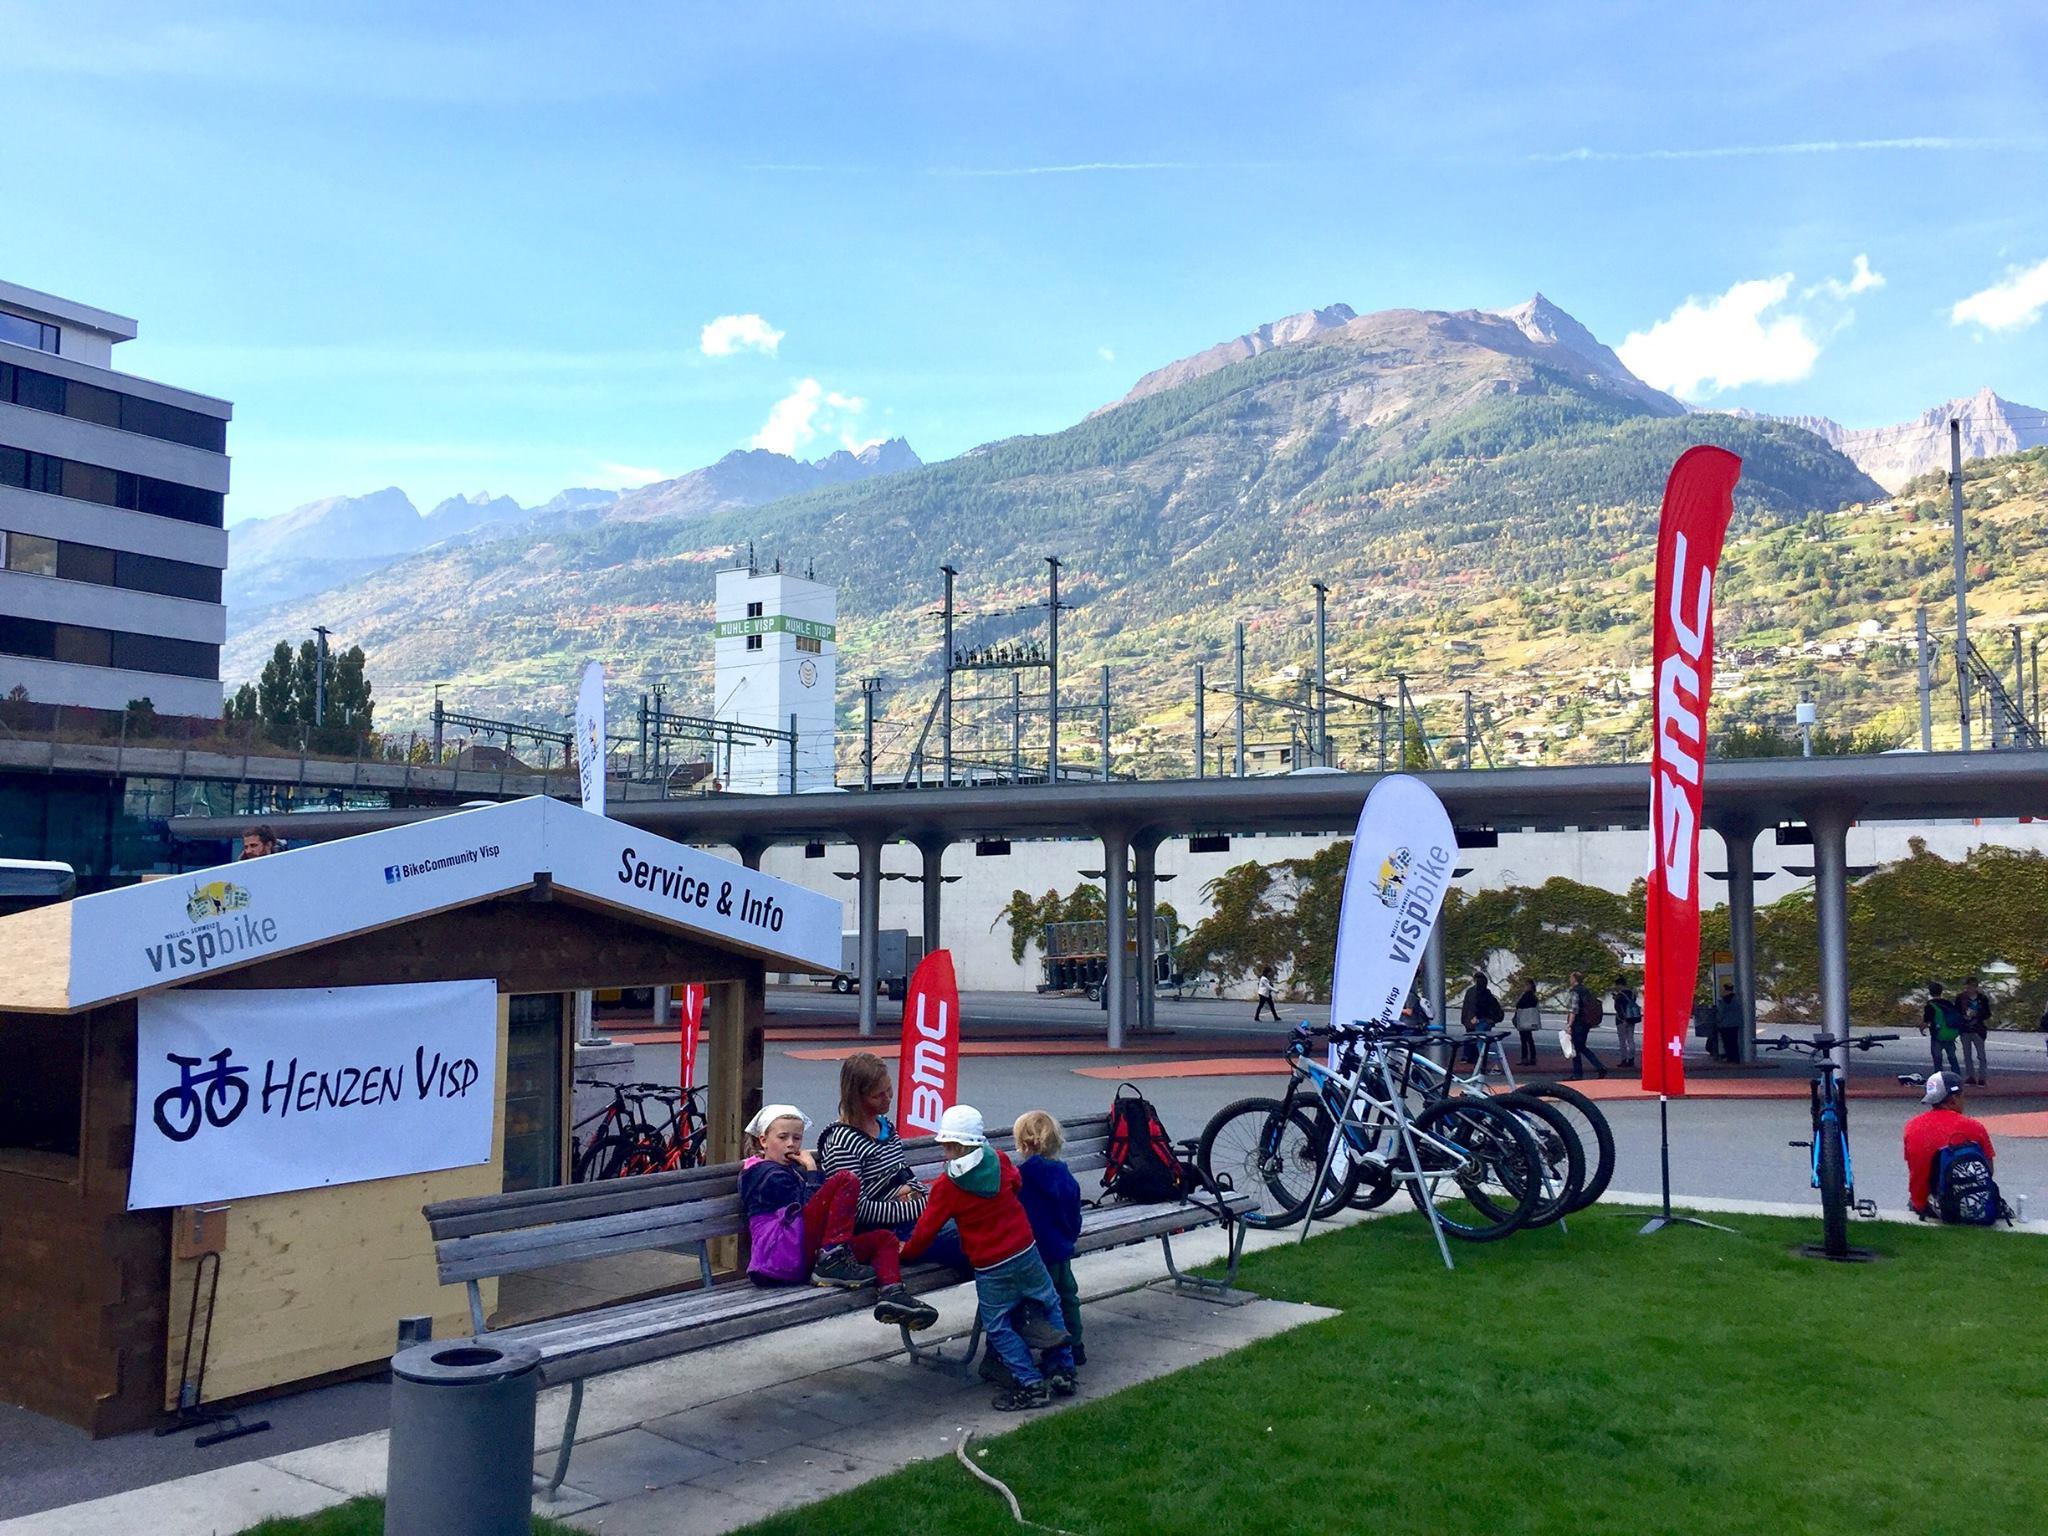 Info + Service PointBahnhof Visp - Good News!Direkt am Bahnhof Visp (vis-à-vis Postautos) gibts im Spätsommer/Herbst 2017 eine kleine SERVICE & INFO Stelle (jeweils am Nachmittag von 13:00 - 18:00)Schaut vorbei, es lohnt sich:✔️ Versch. Bikes/E-Bikes ausleihen & testen✔️ Reparaturen & Ersatzmaterial✔️ Tipps & Touren-IdeenMERCI für die Initiative! Visp Tourismus   Velo Henzen Visp   PostAuto / CarPostal / AutoPostale / PostBus   Pfammatter Maler und Gipser AG   Gemeinde Visp